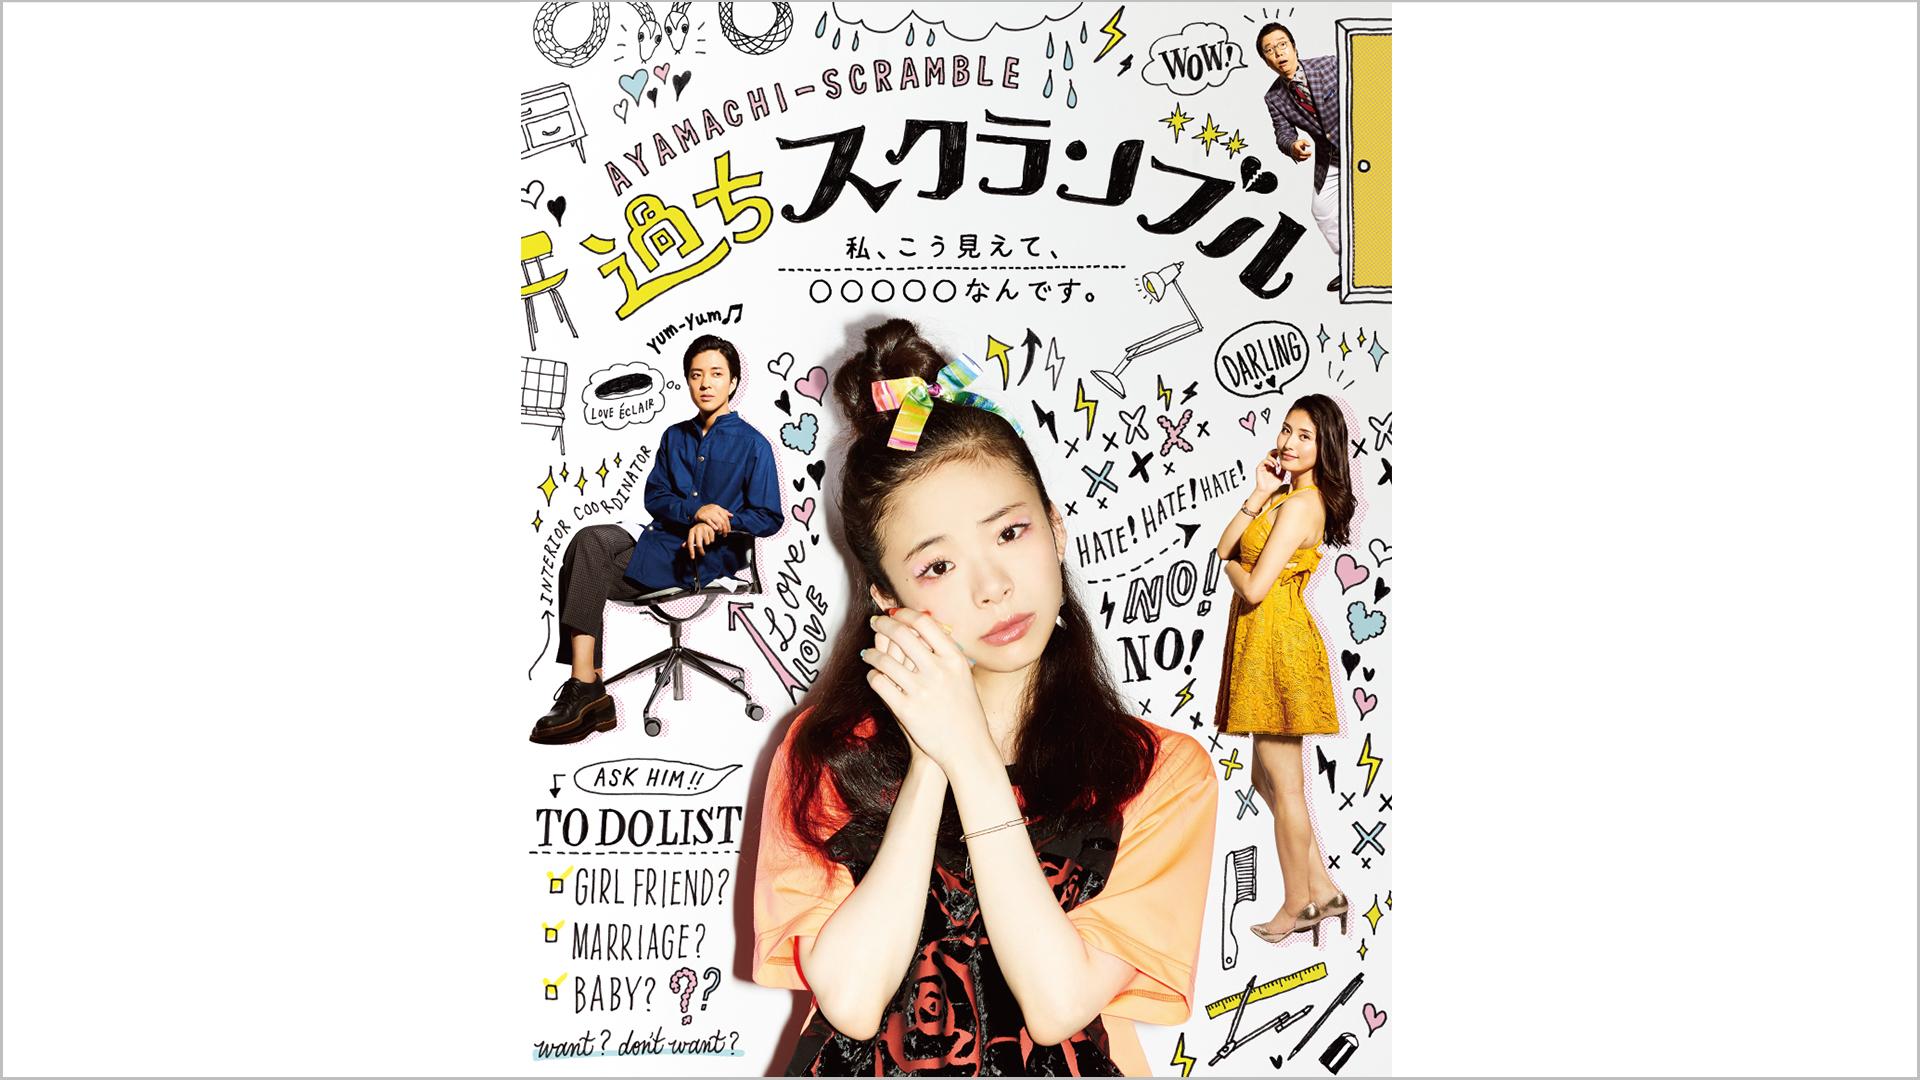 オリジナルドラマ「過ちスクランブル」#3   緊急発進するオトナのラブコメ!!?